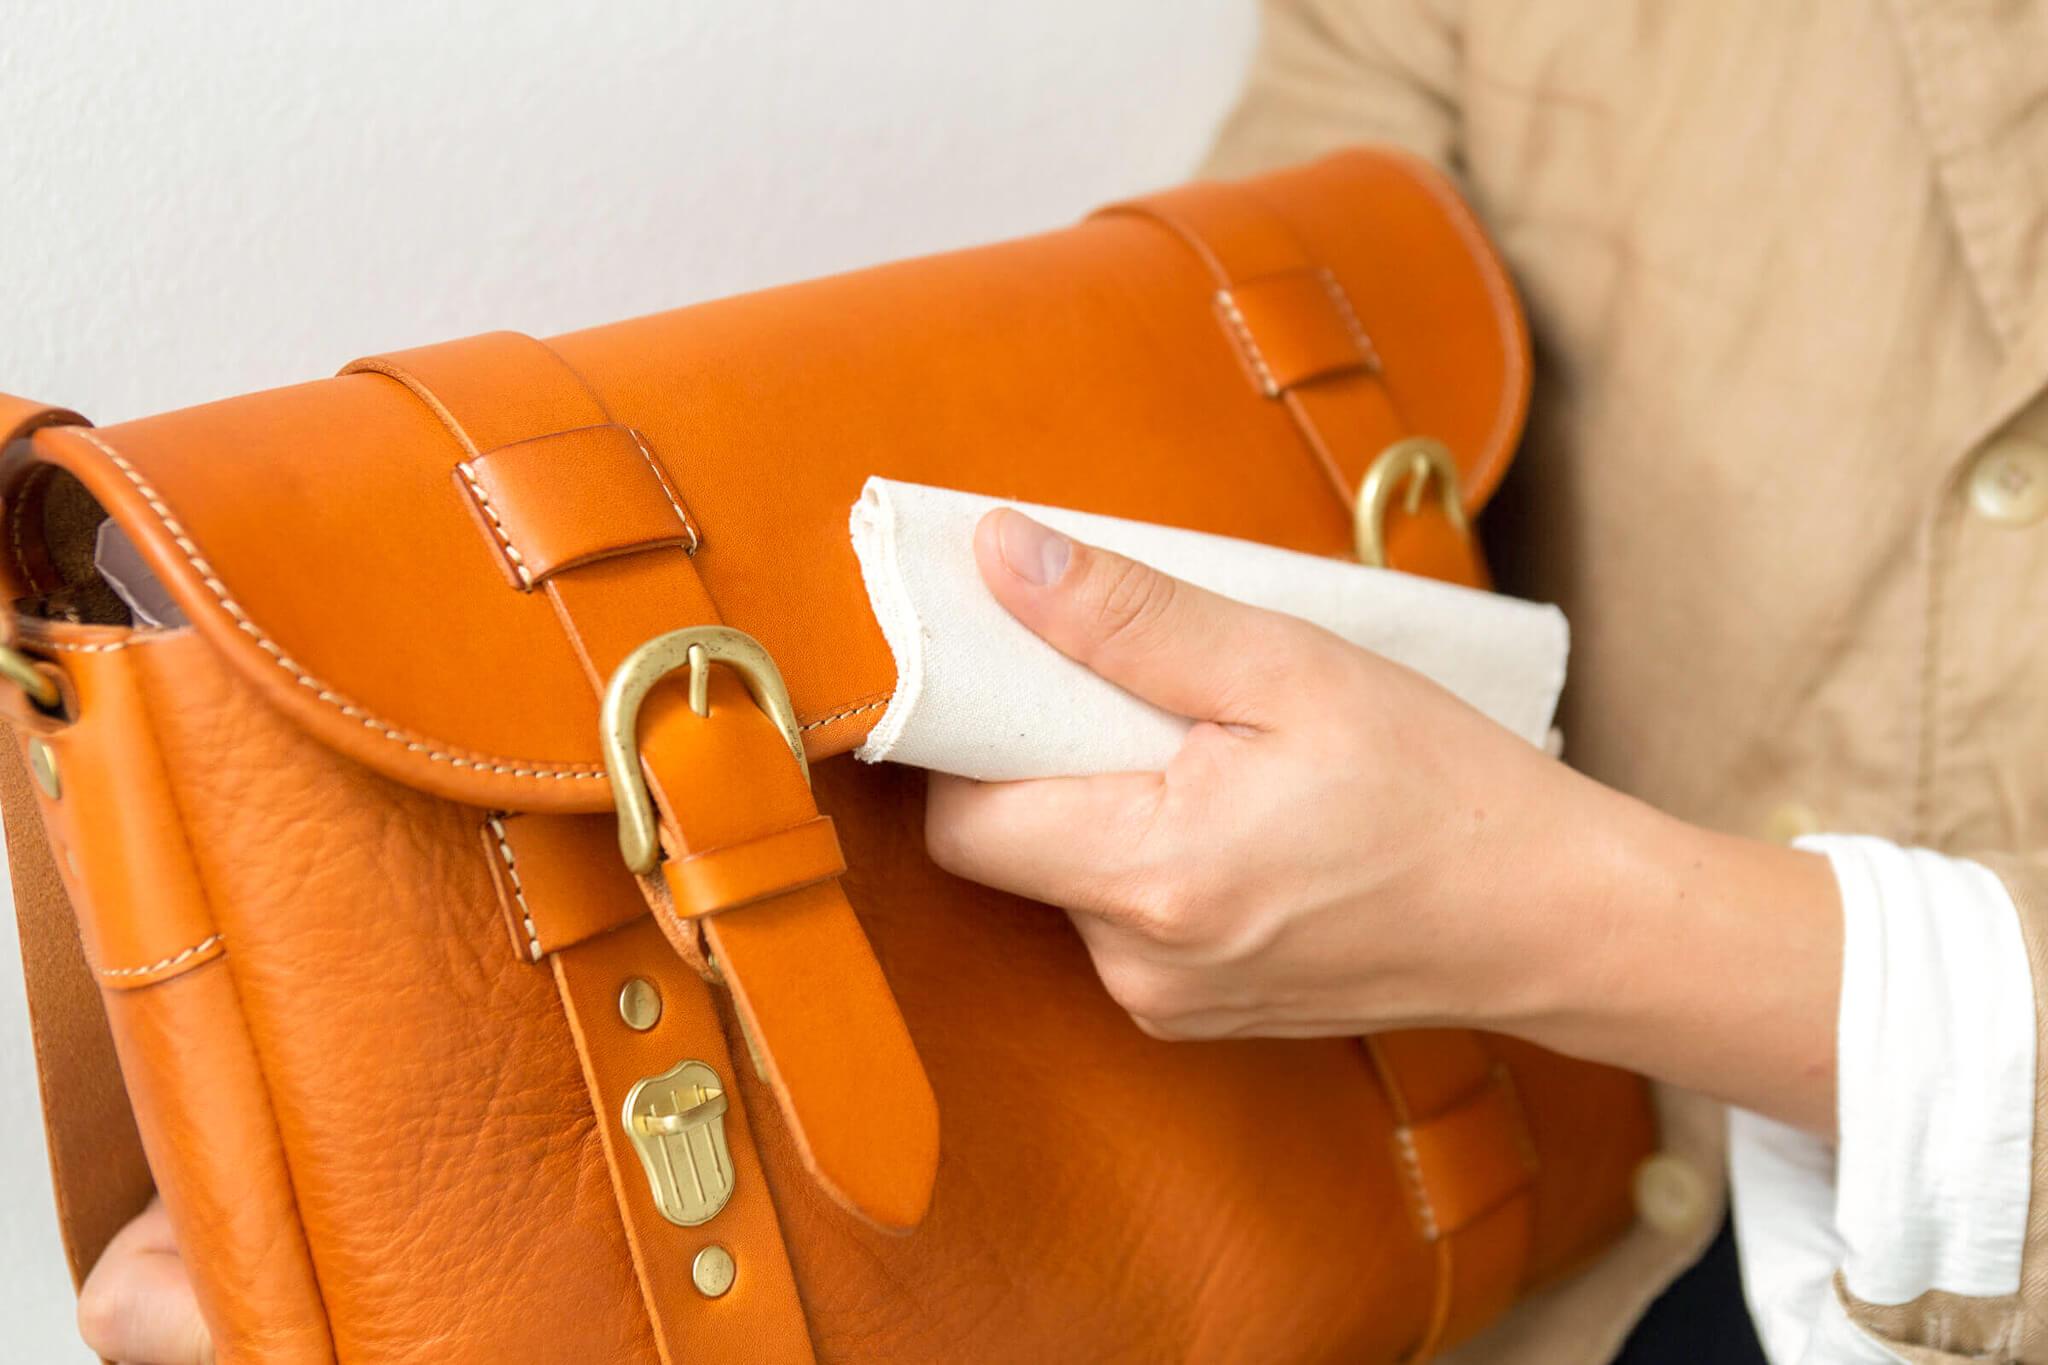 綿の布で拭く